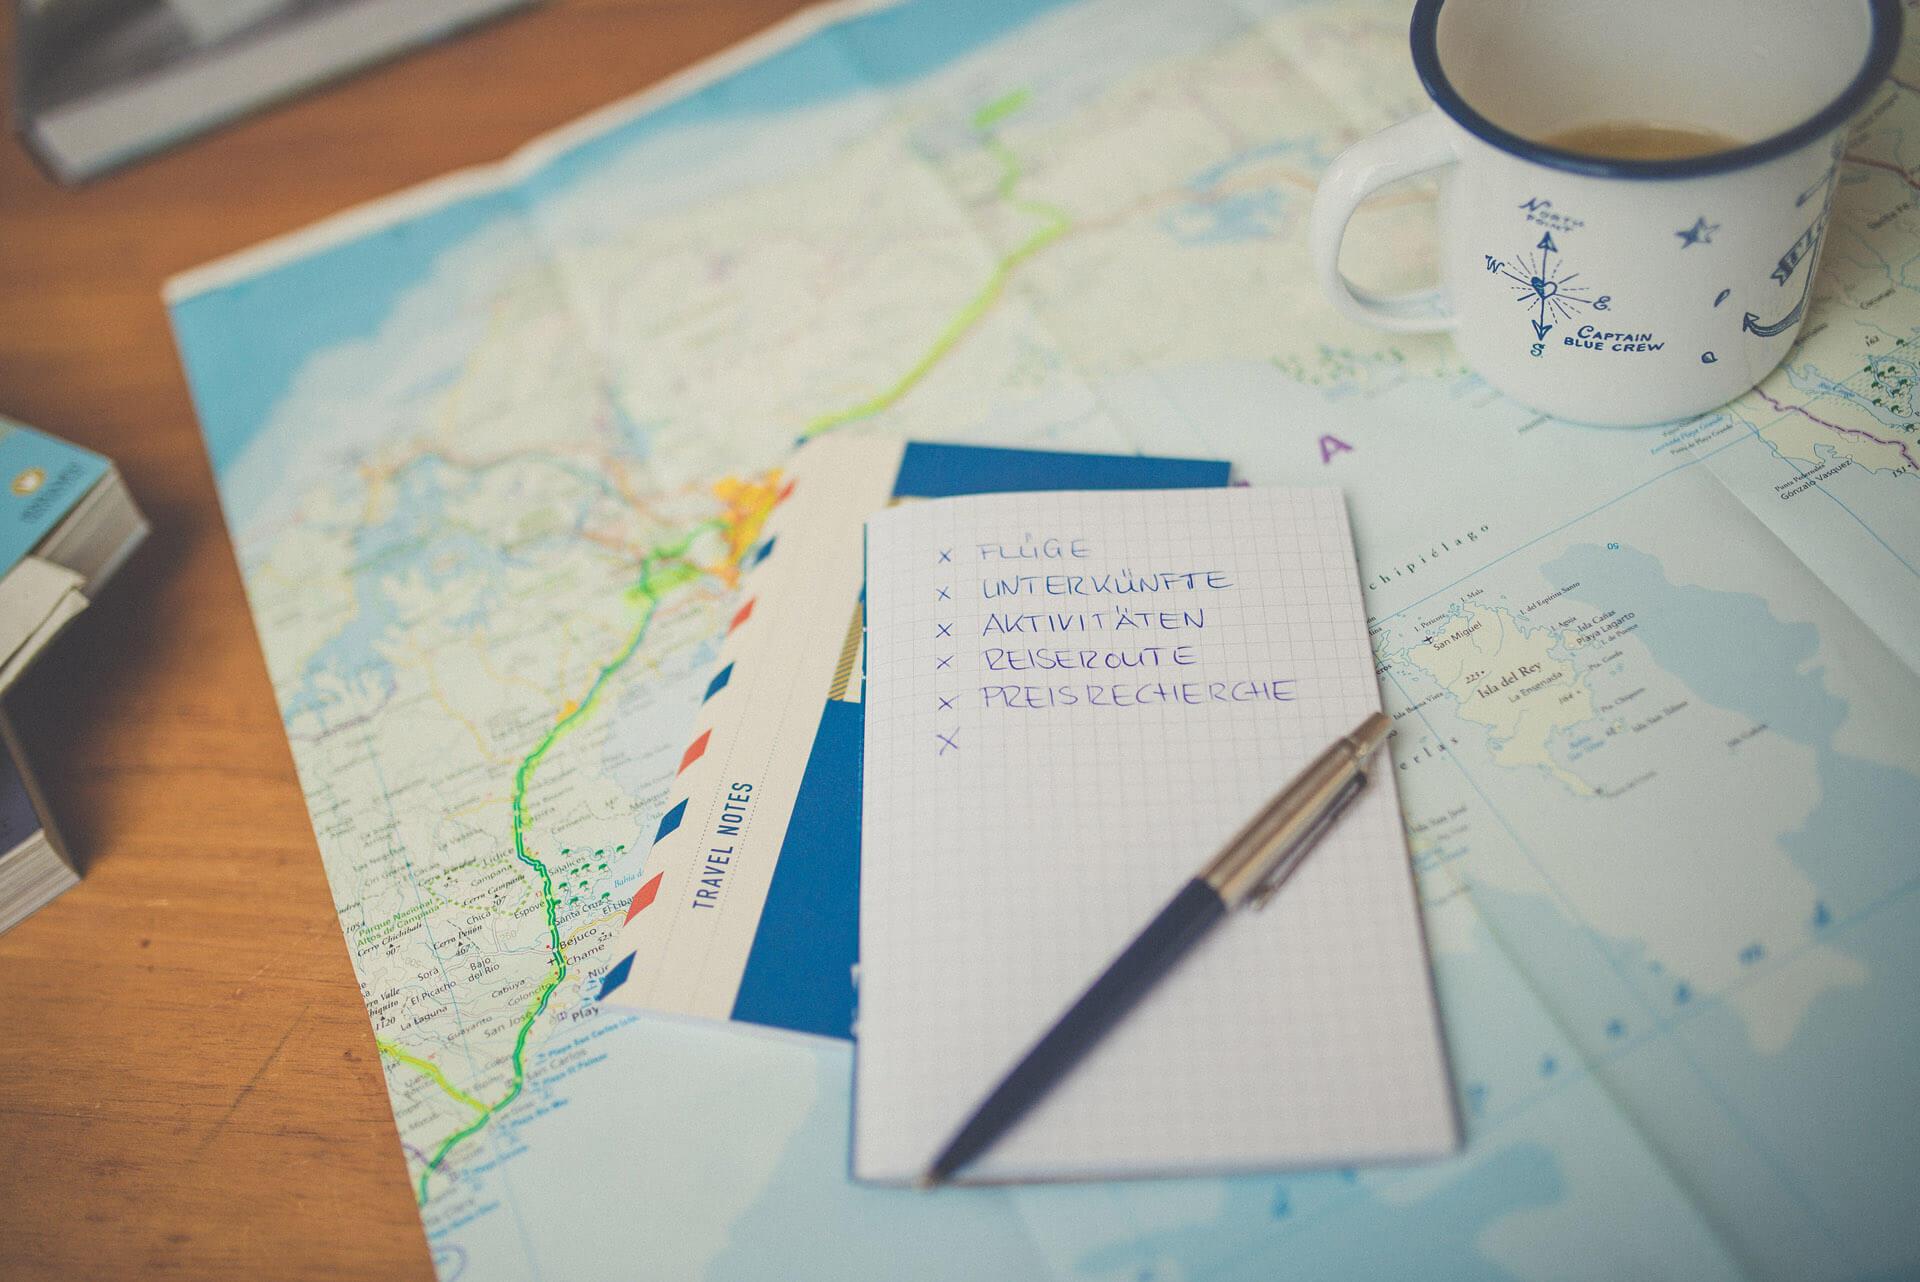 Individuelle Reiseplanung von der Laura Bieschke Events & Travels UG